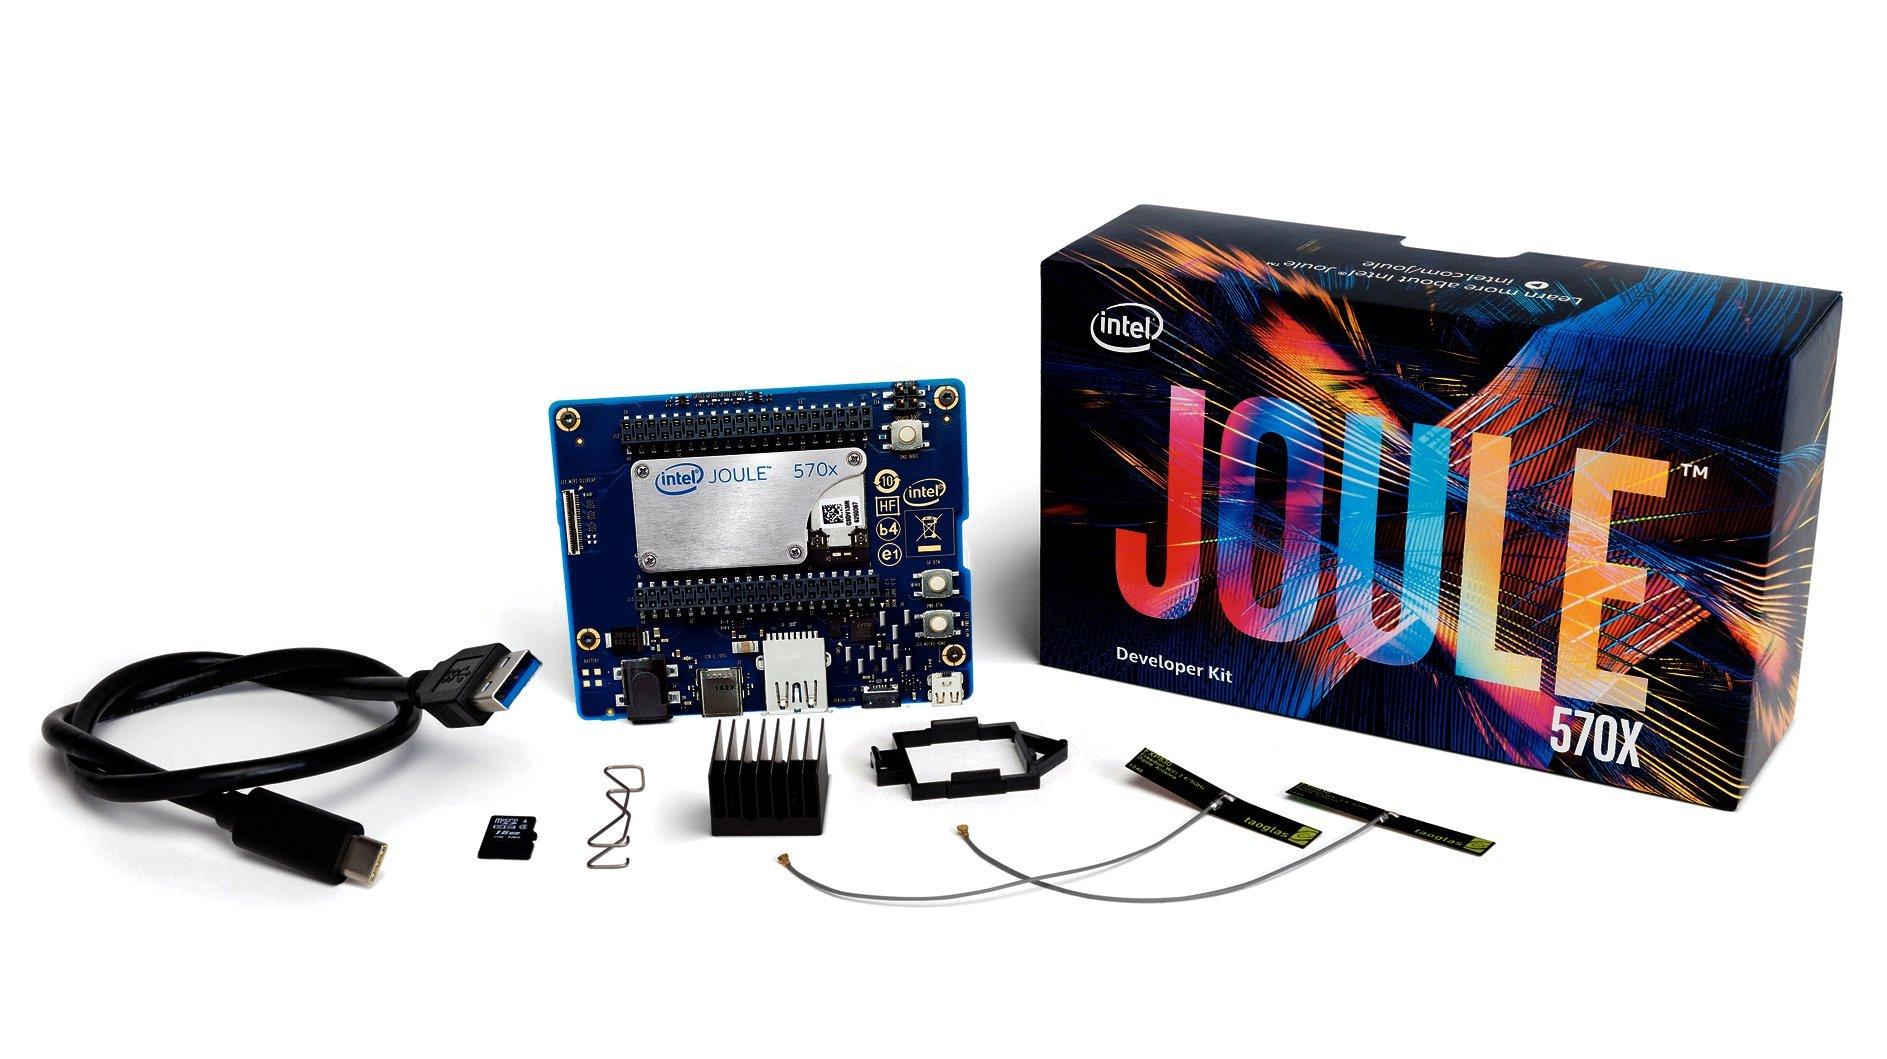 Intel Joule 570x Developer Kit Components GT.PDKW